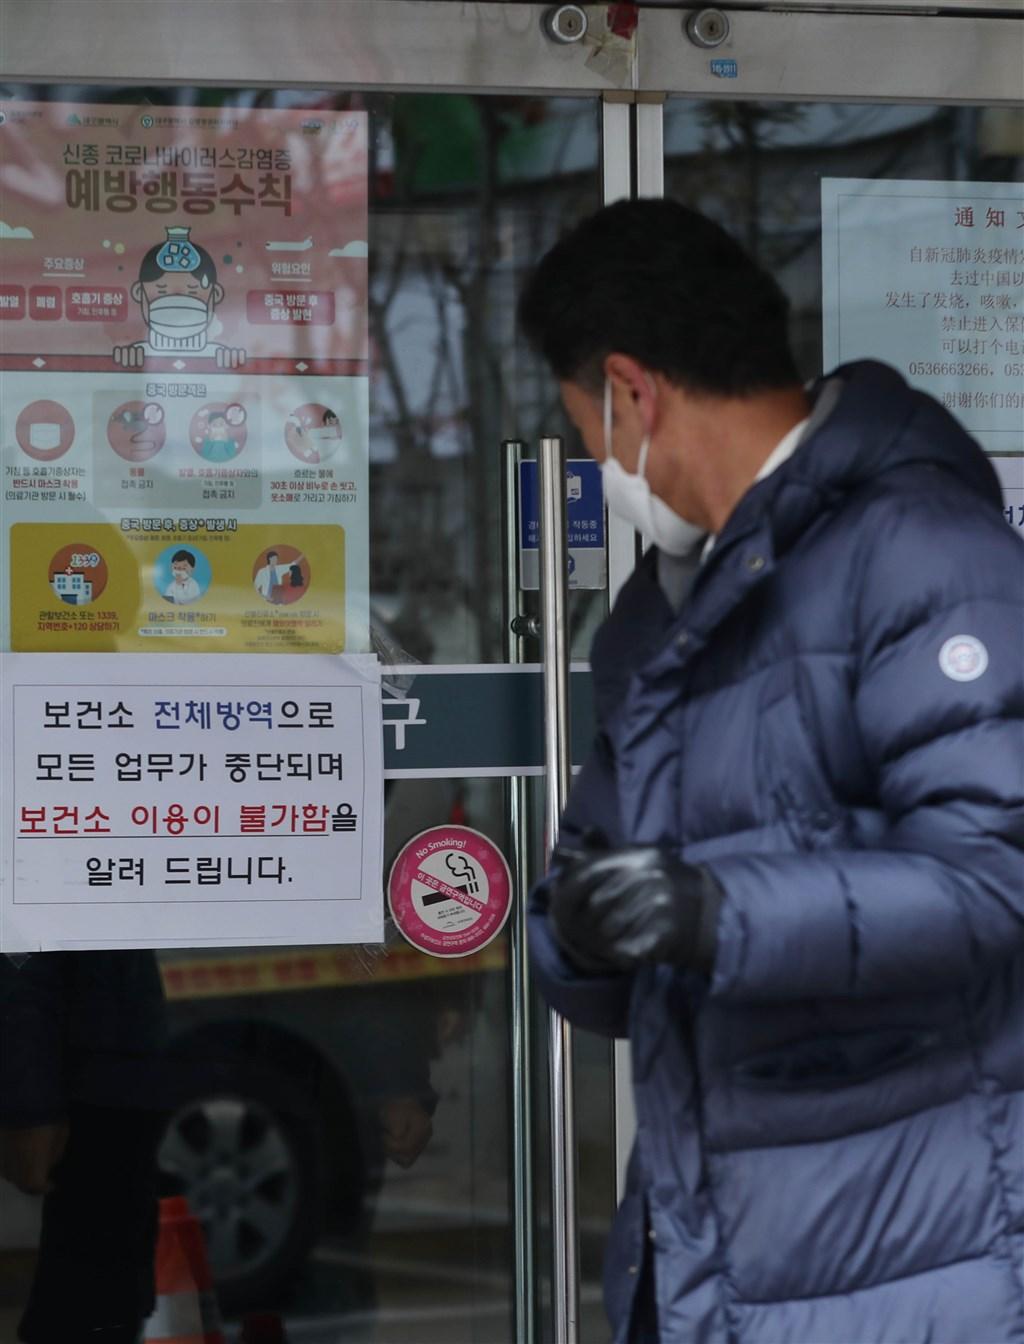 南韓連日累計出現3名感染途徑不明的武漢肺炎確診病例,韓國疾病管理本部18日對此表示,新型冠狀病毒疫情進入新局面。圖為大邱市一處醫療院所。(韓聯社提供)